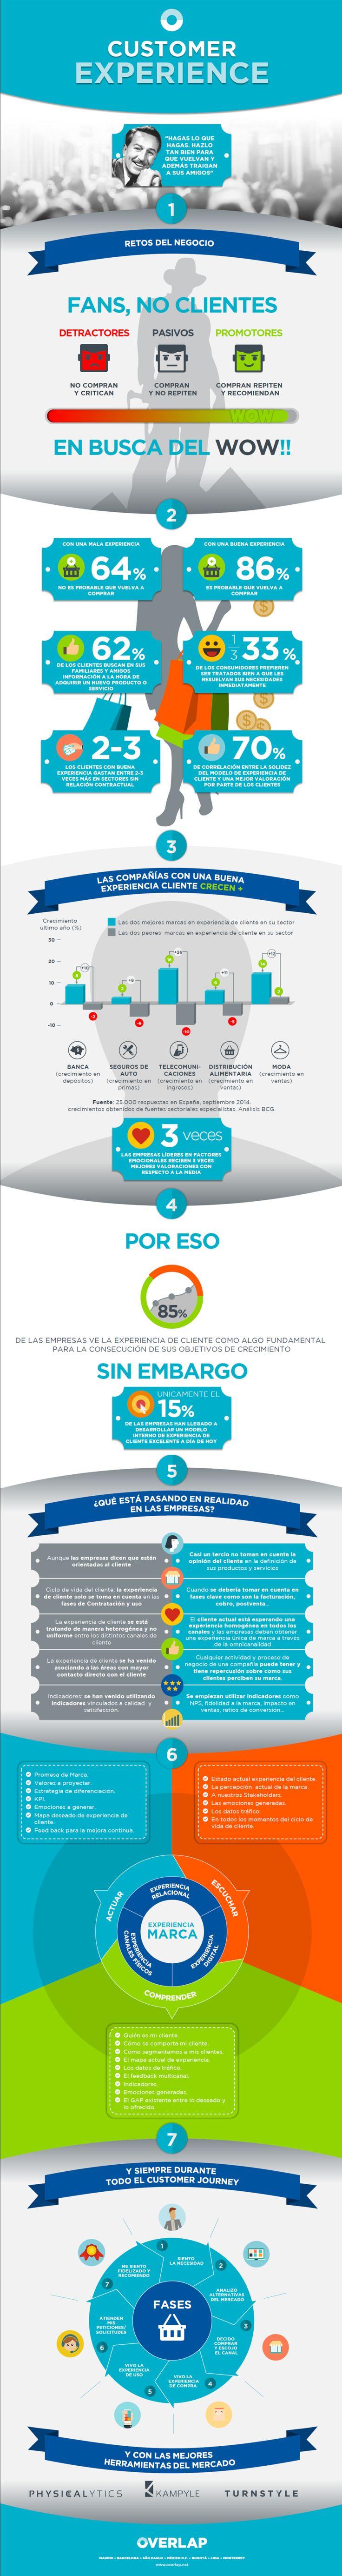 Experiencia de #cliente #marketing #infografia